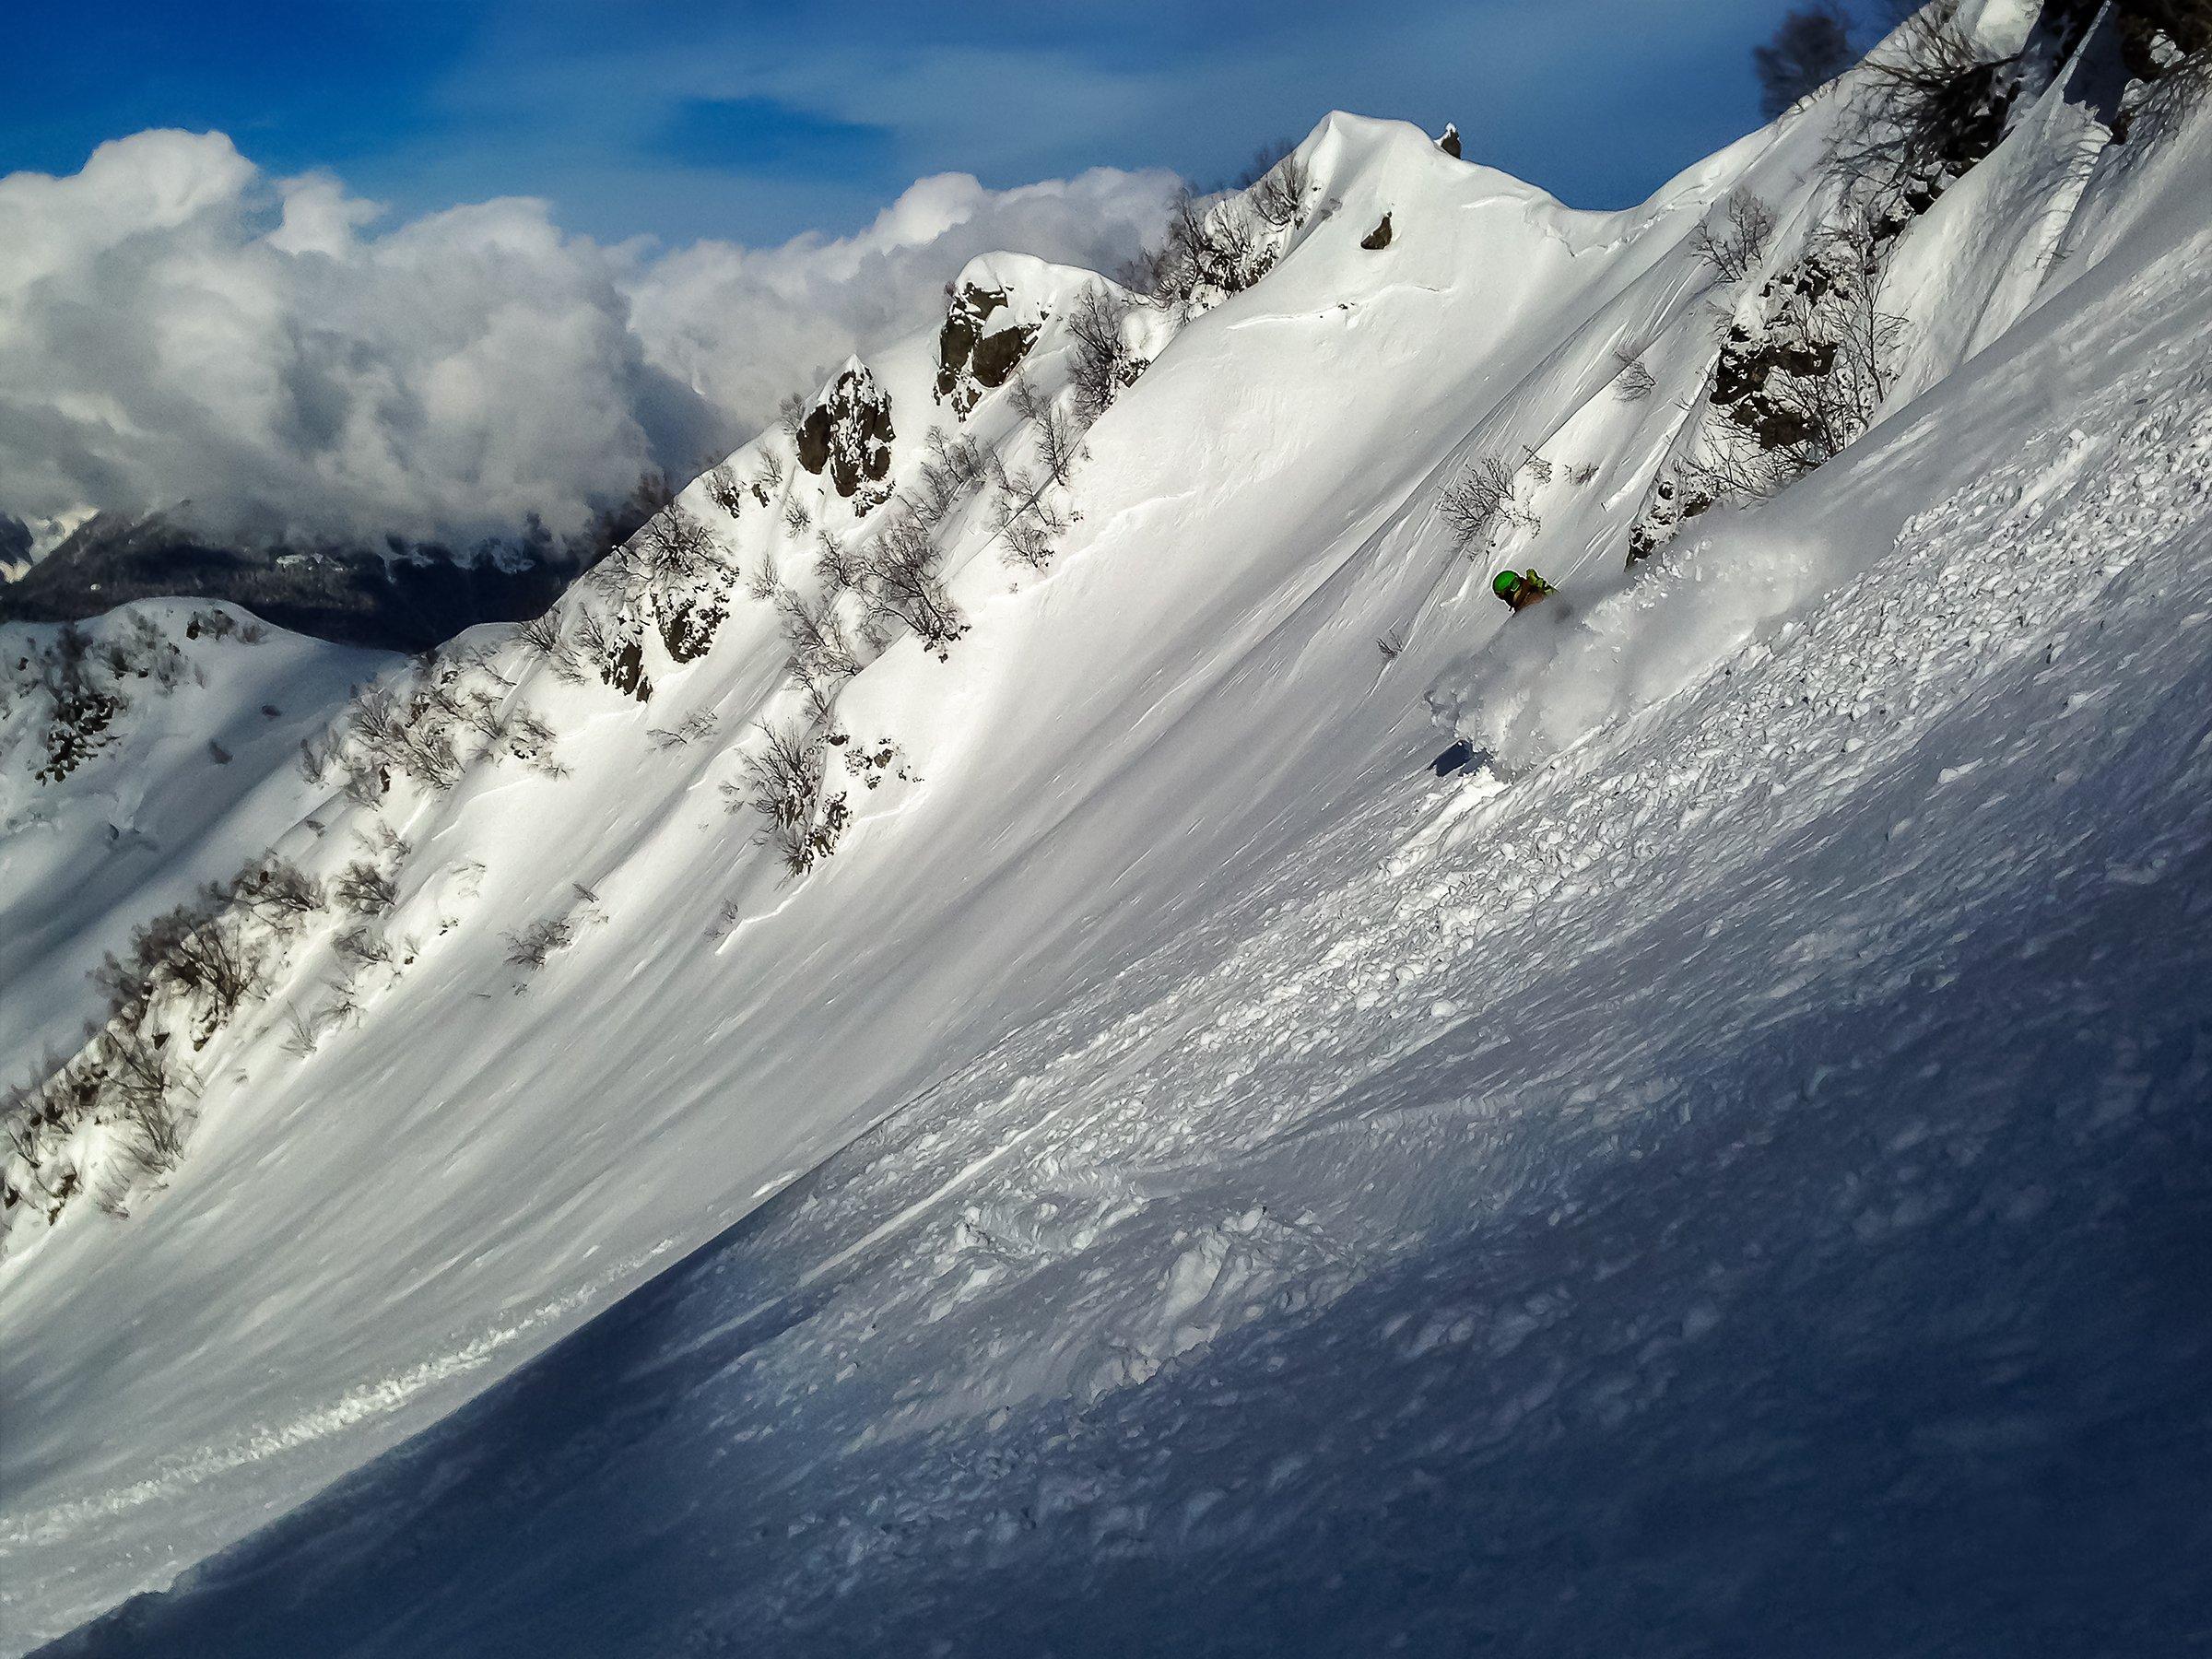 Роза Хутор, Красная Поляна, снег, горы, сноубордист, Дмитрий Лопатин